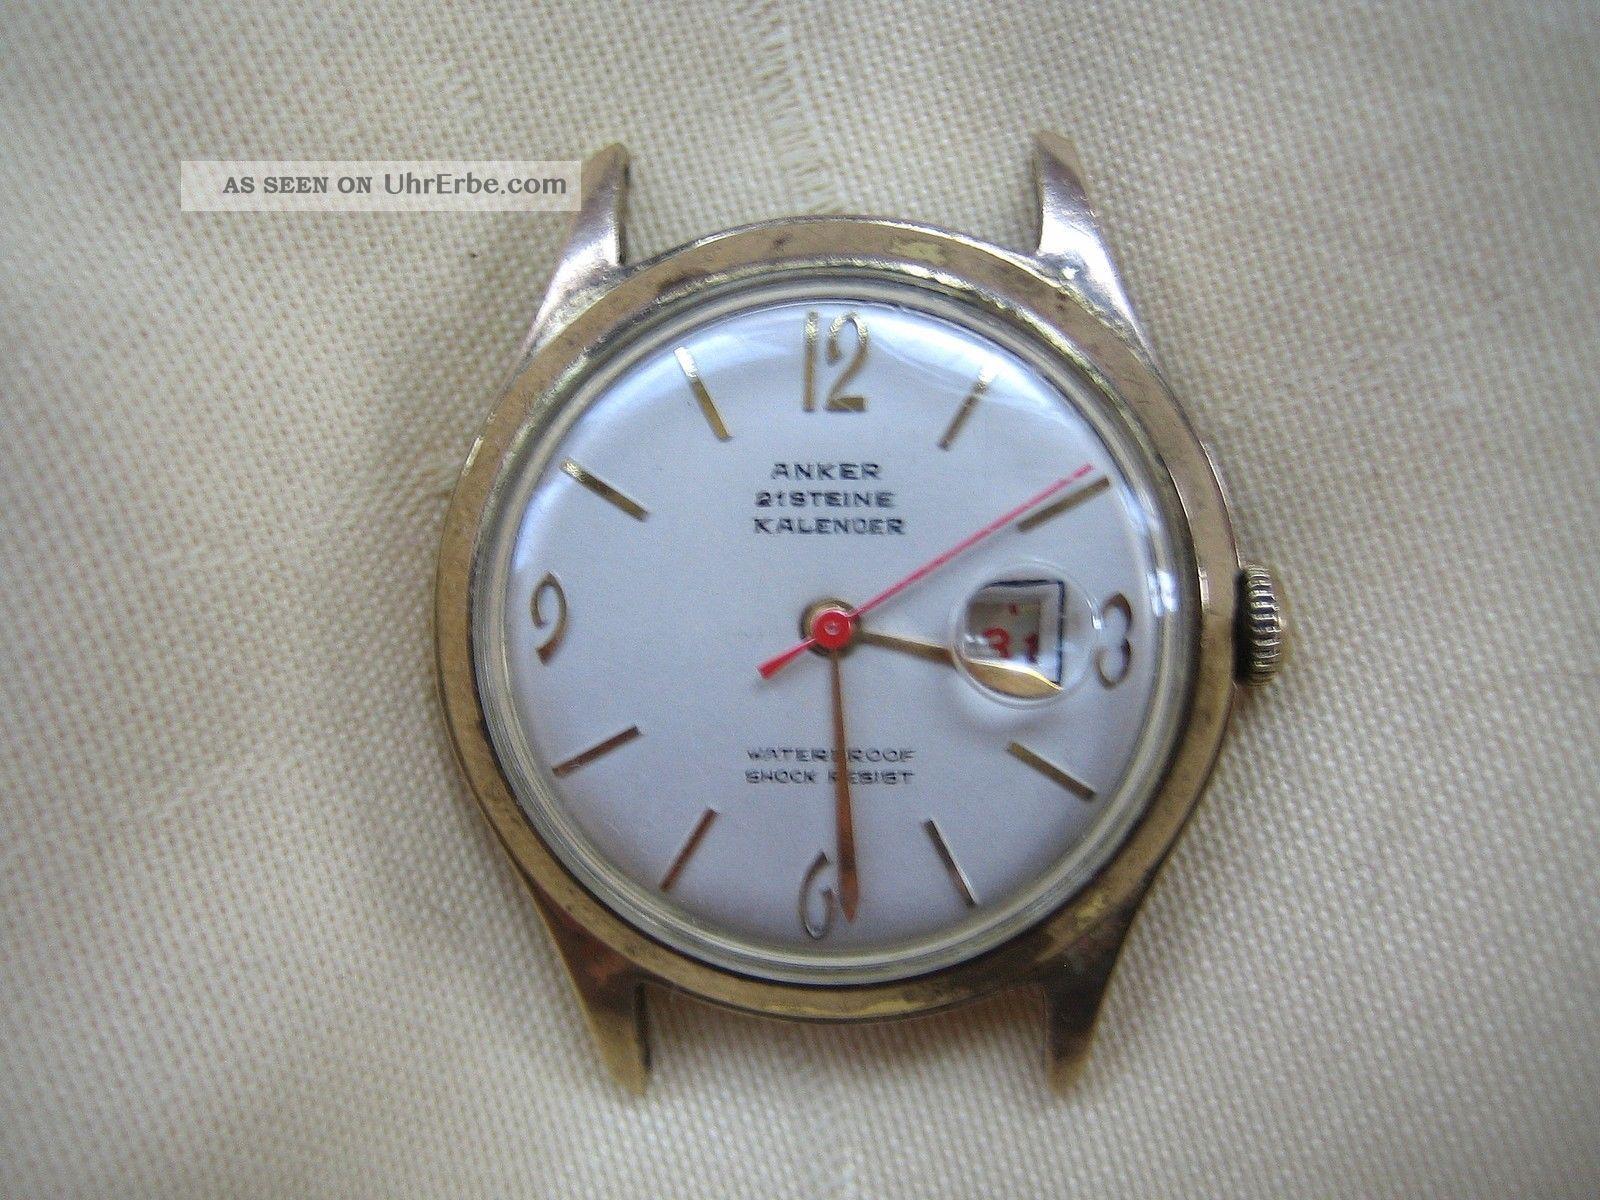 Vintage Watch Anker Kalender 21 Jewels Lupenglas Mechanisch Handaufzug Armbanduhren Bild